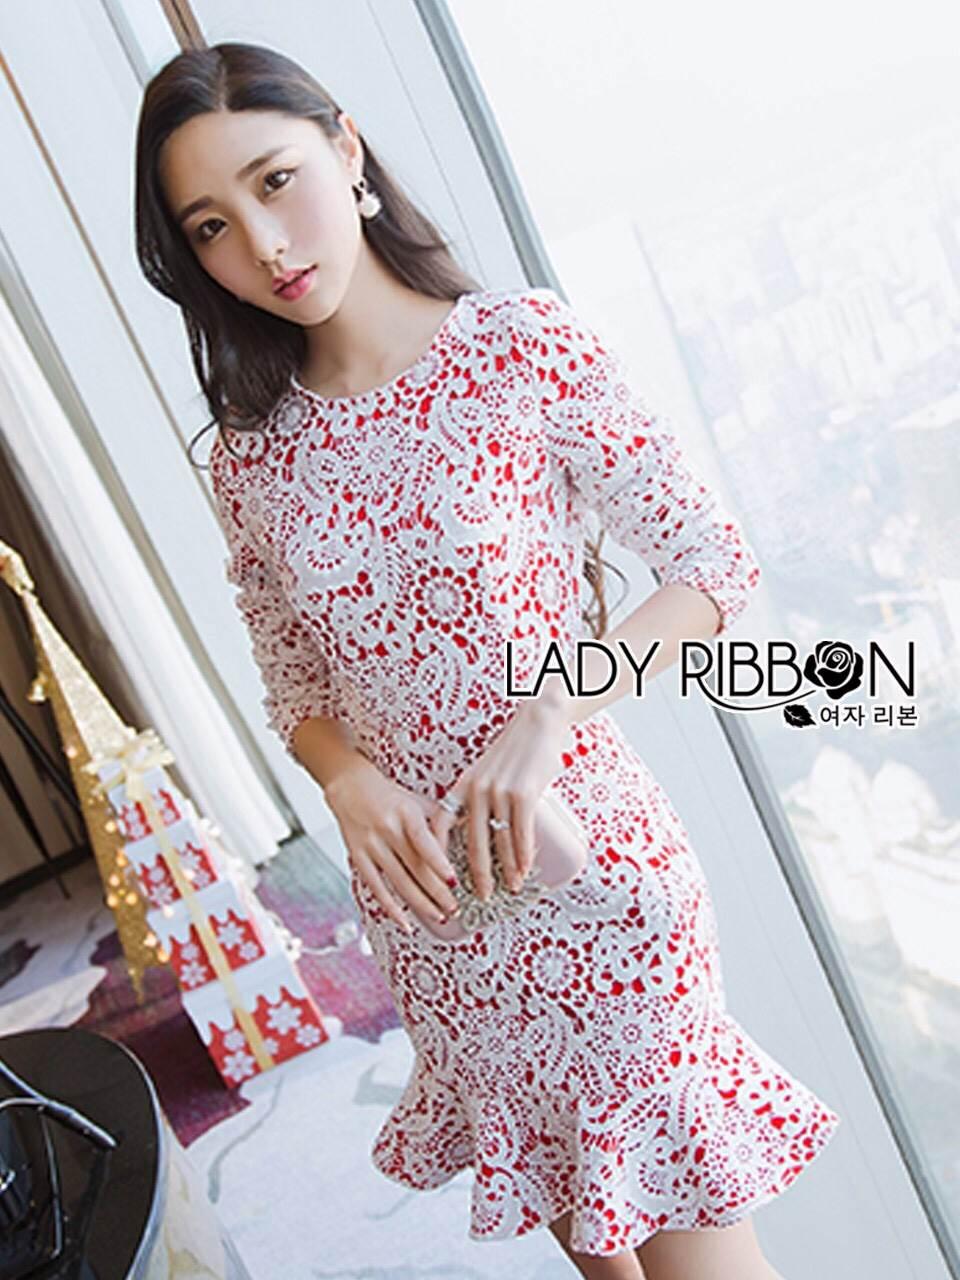 ชุดเดรสเกาหลี พร้อมส่งเดรสผ้าลูกไม้สีขาวทับผ้าเครปสีแดงสุดหรู